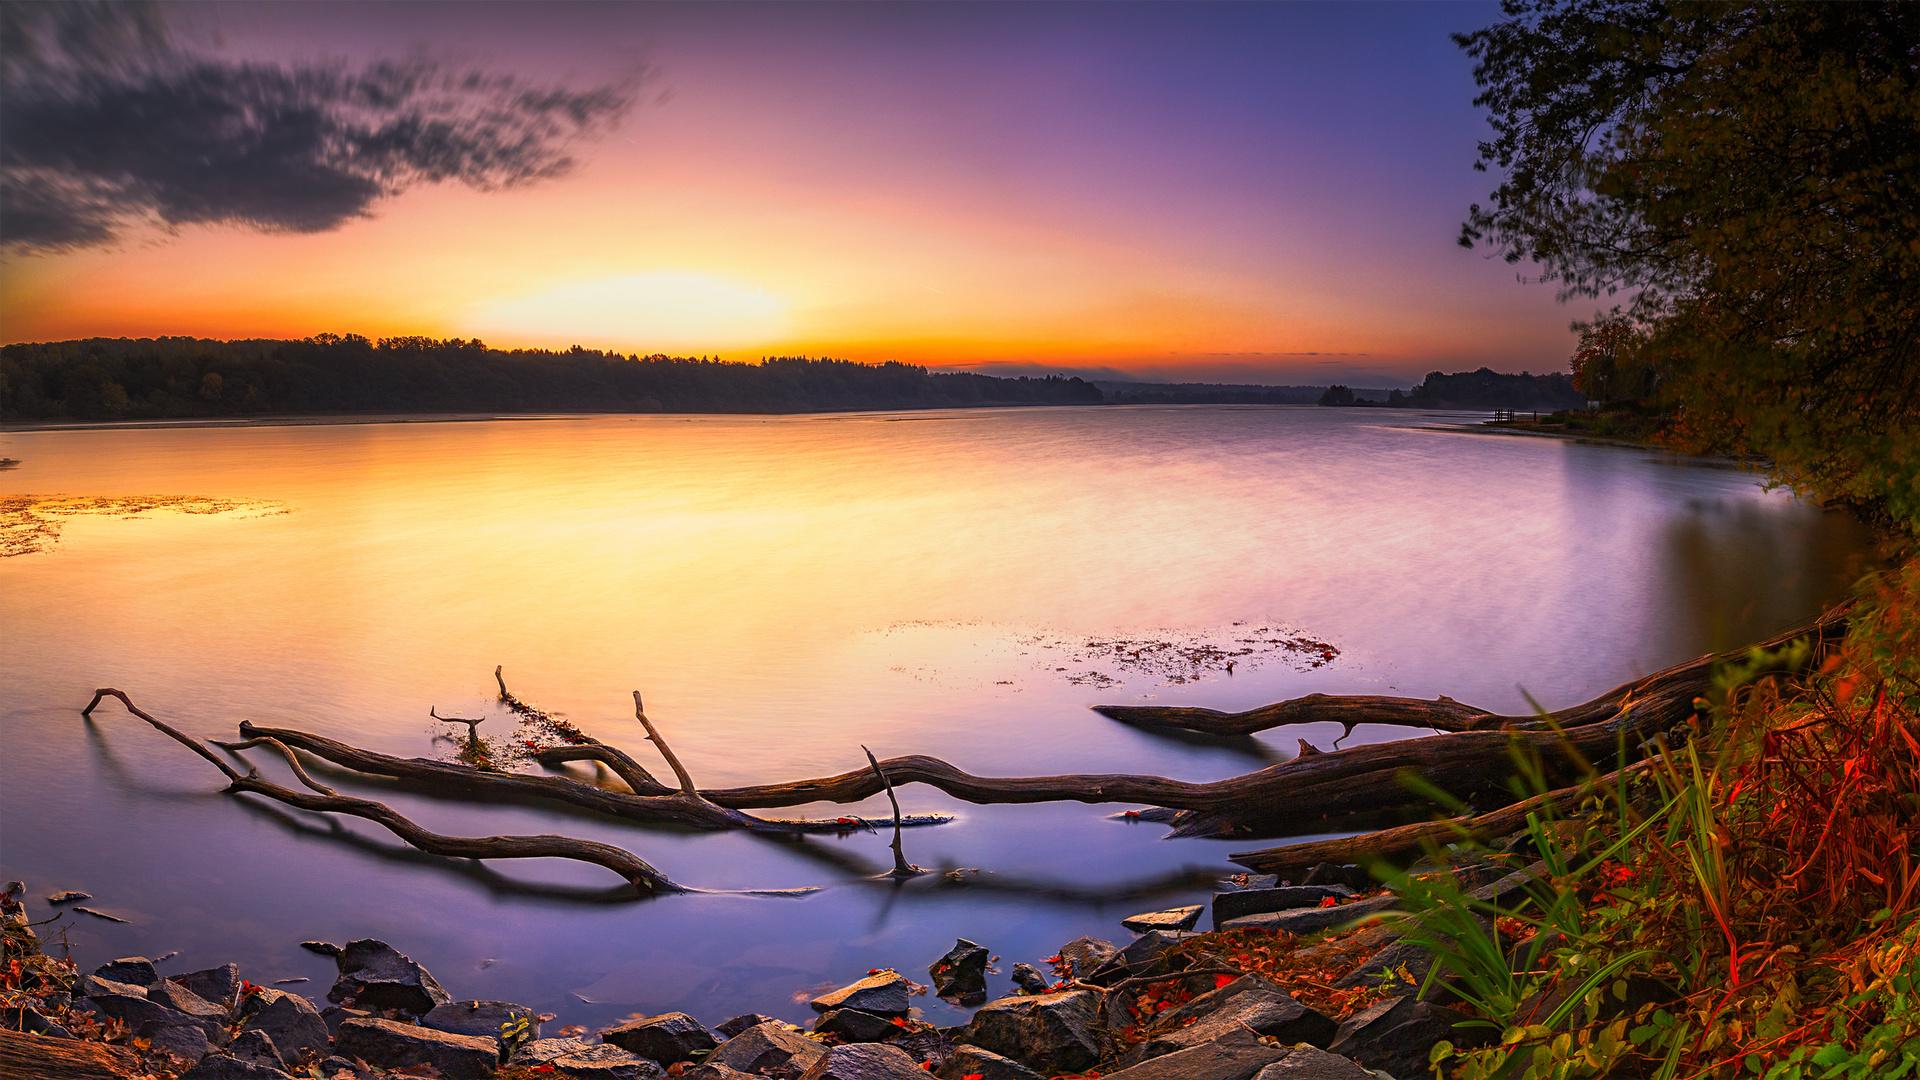 Herbstmorgen am Dreifelder Weiher